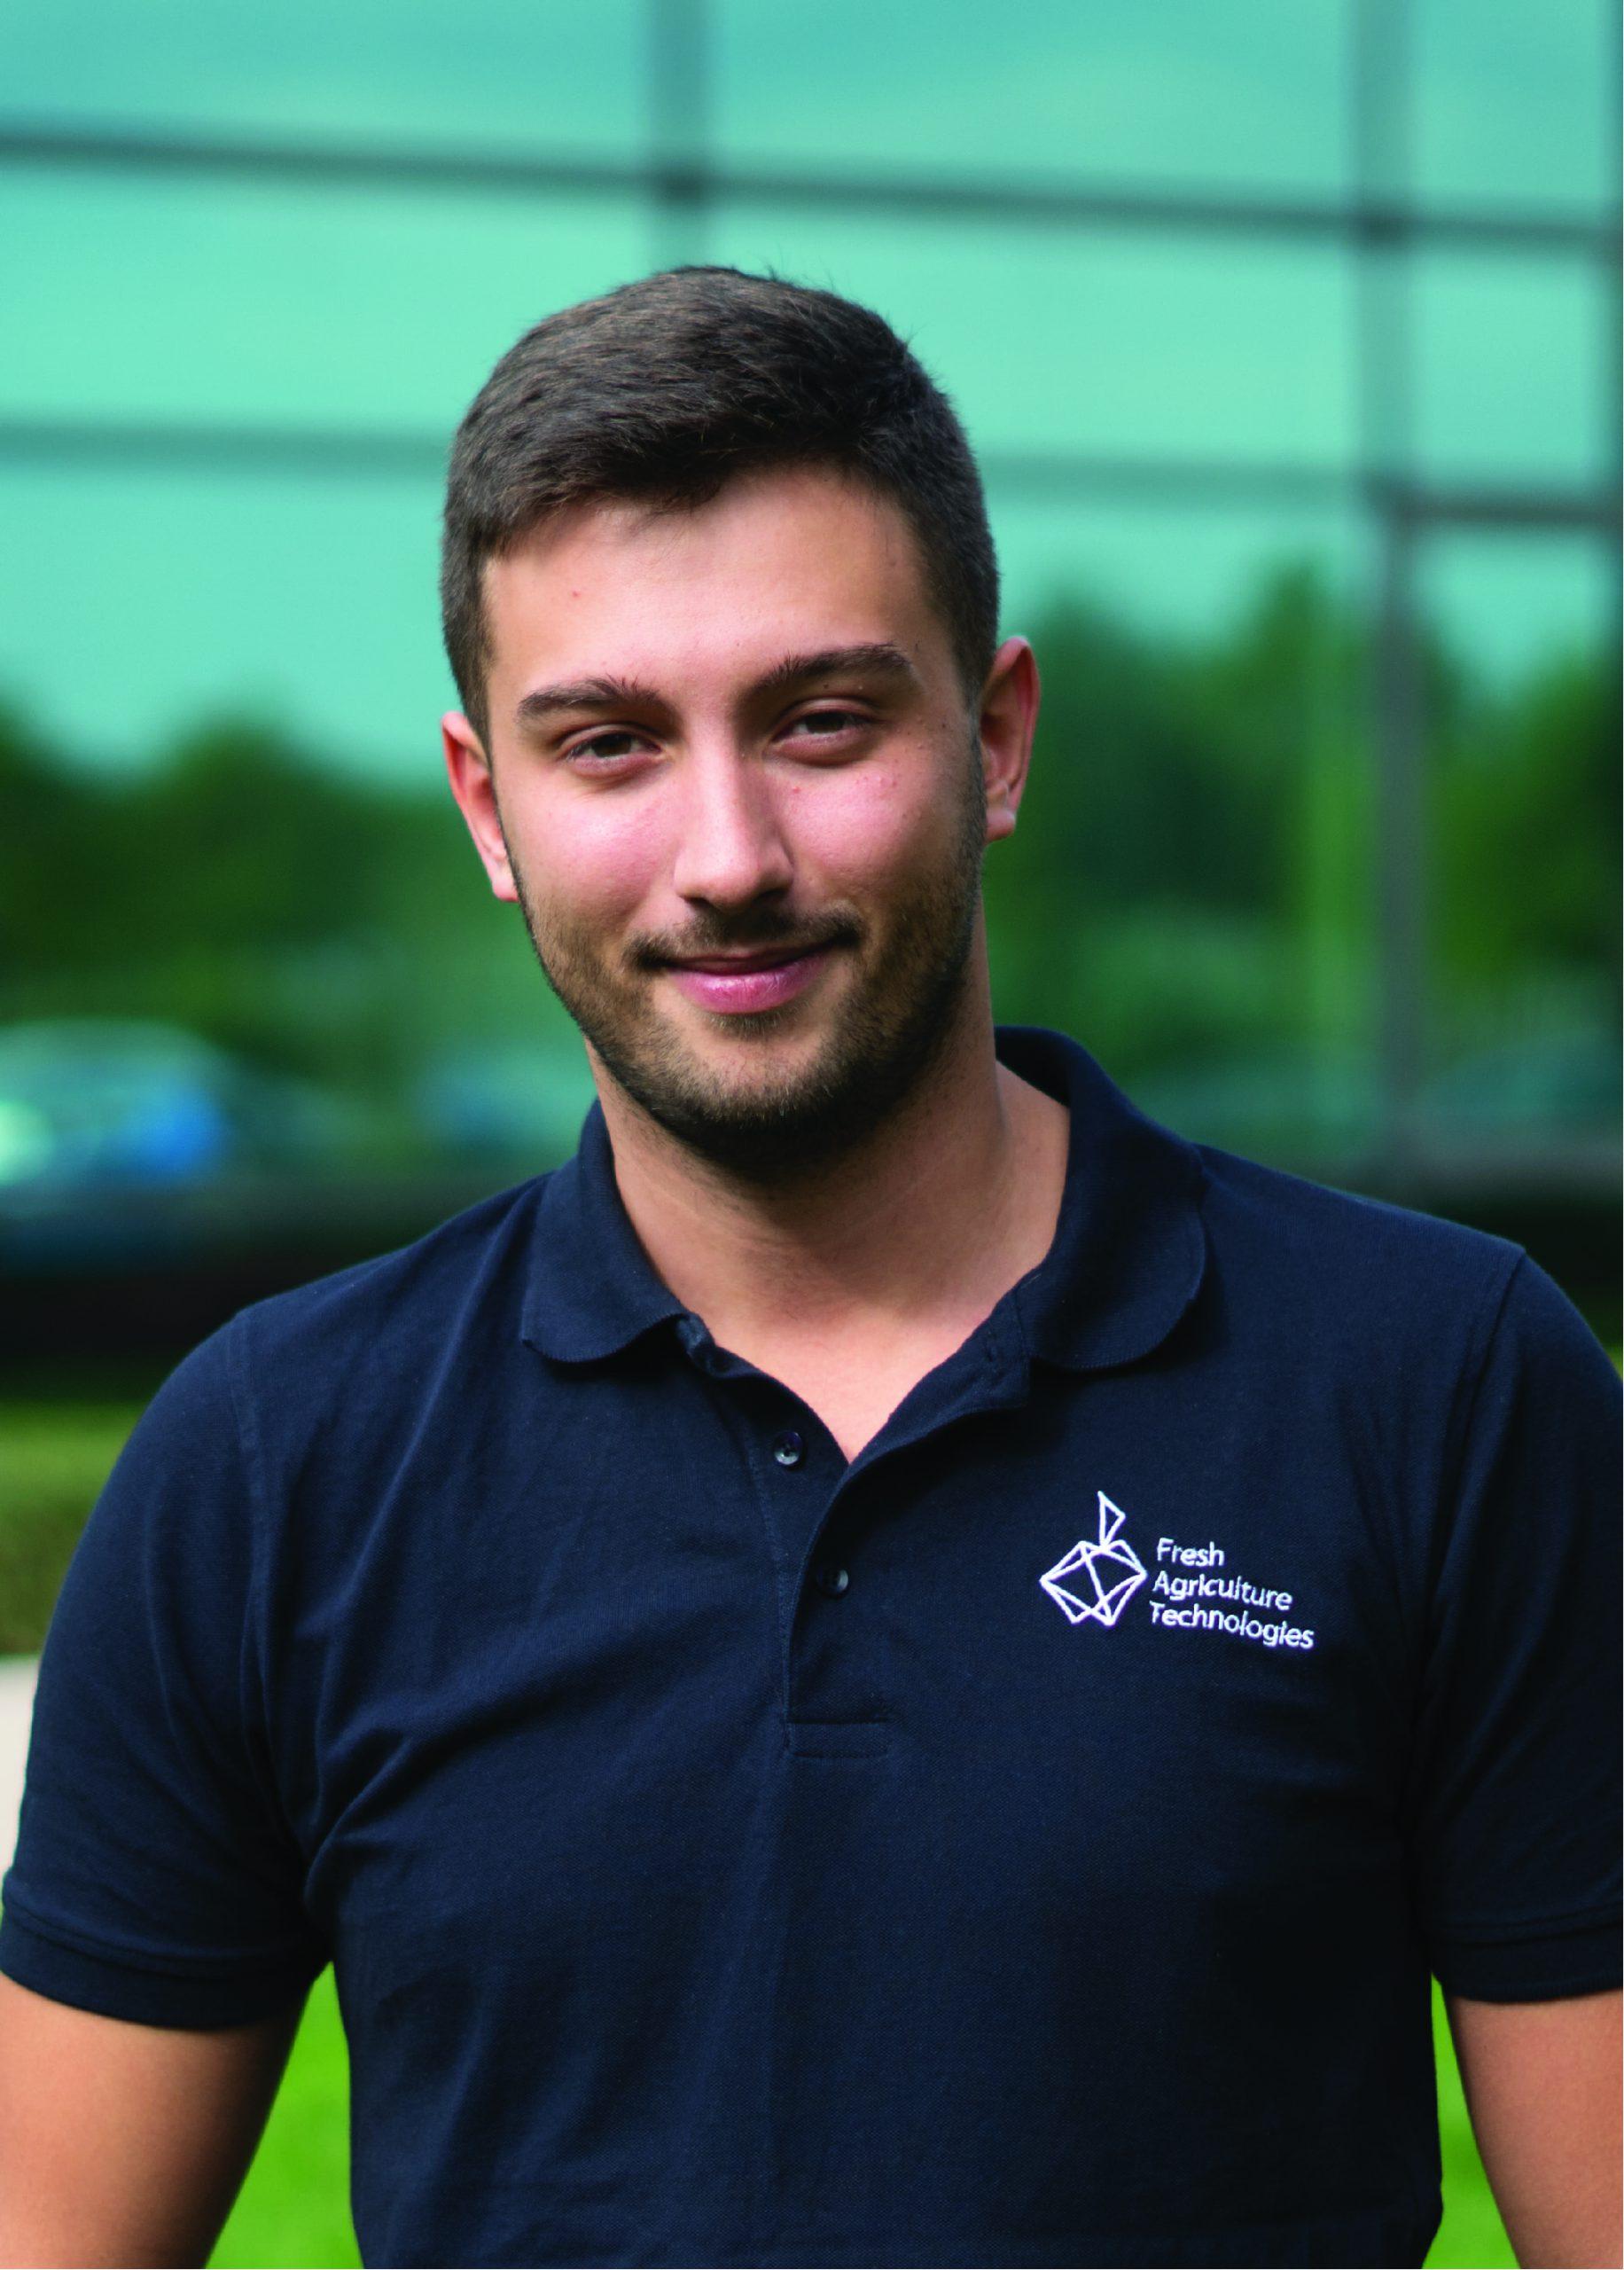 David Blazevski, CEO